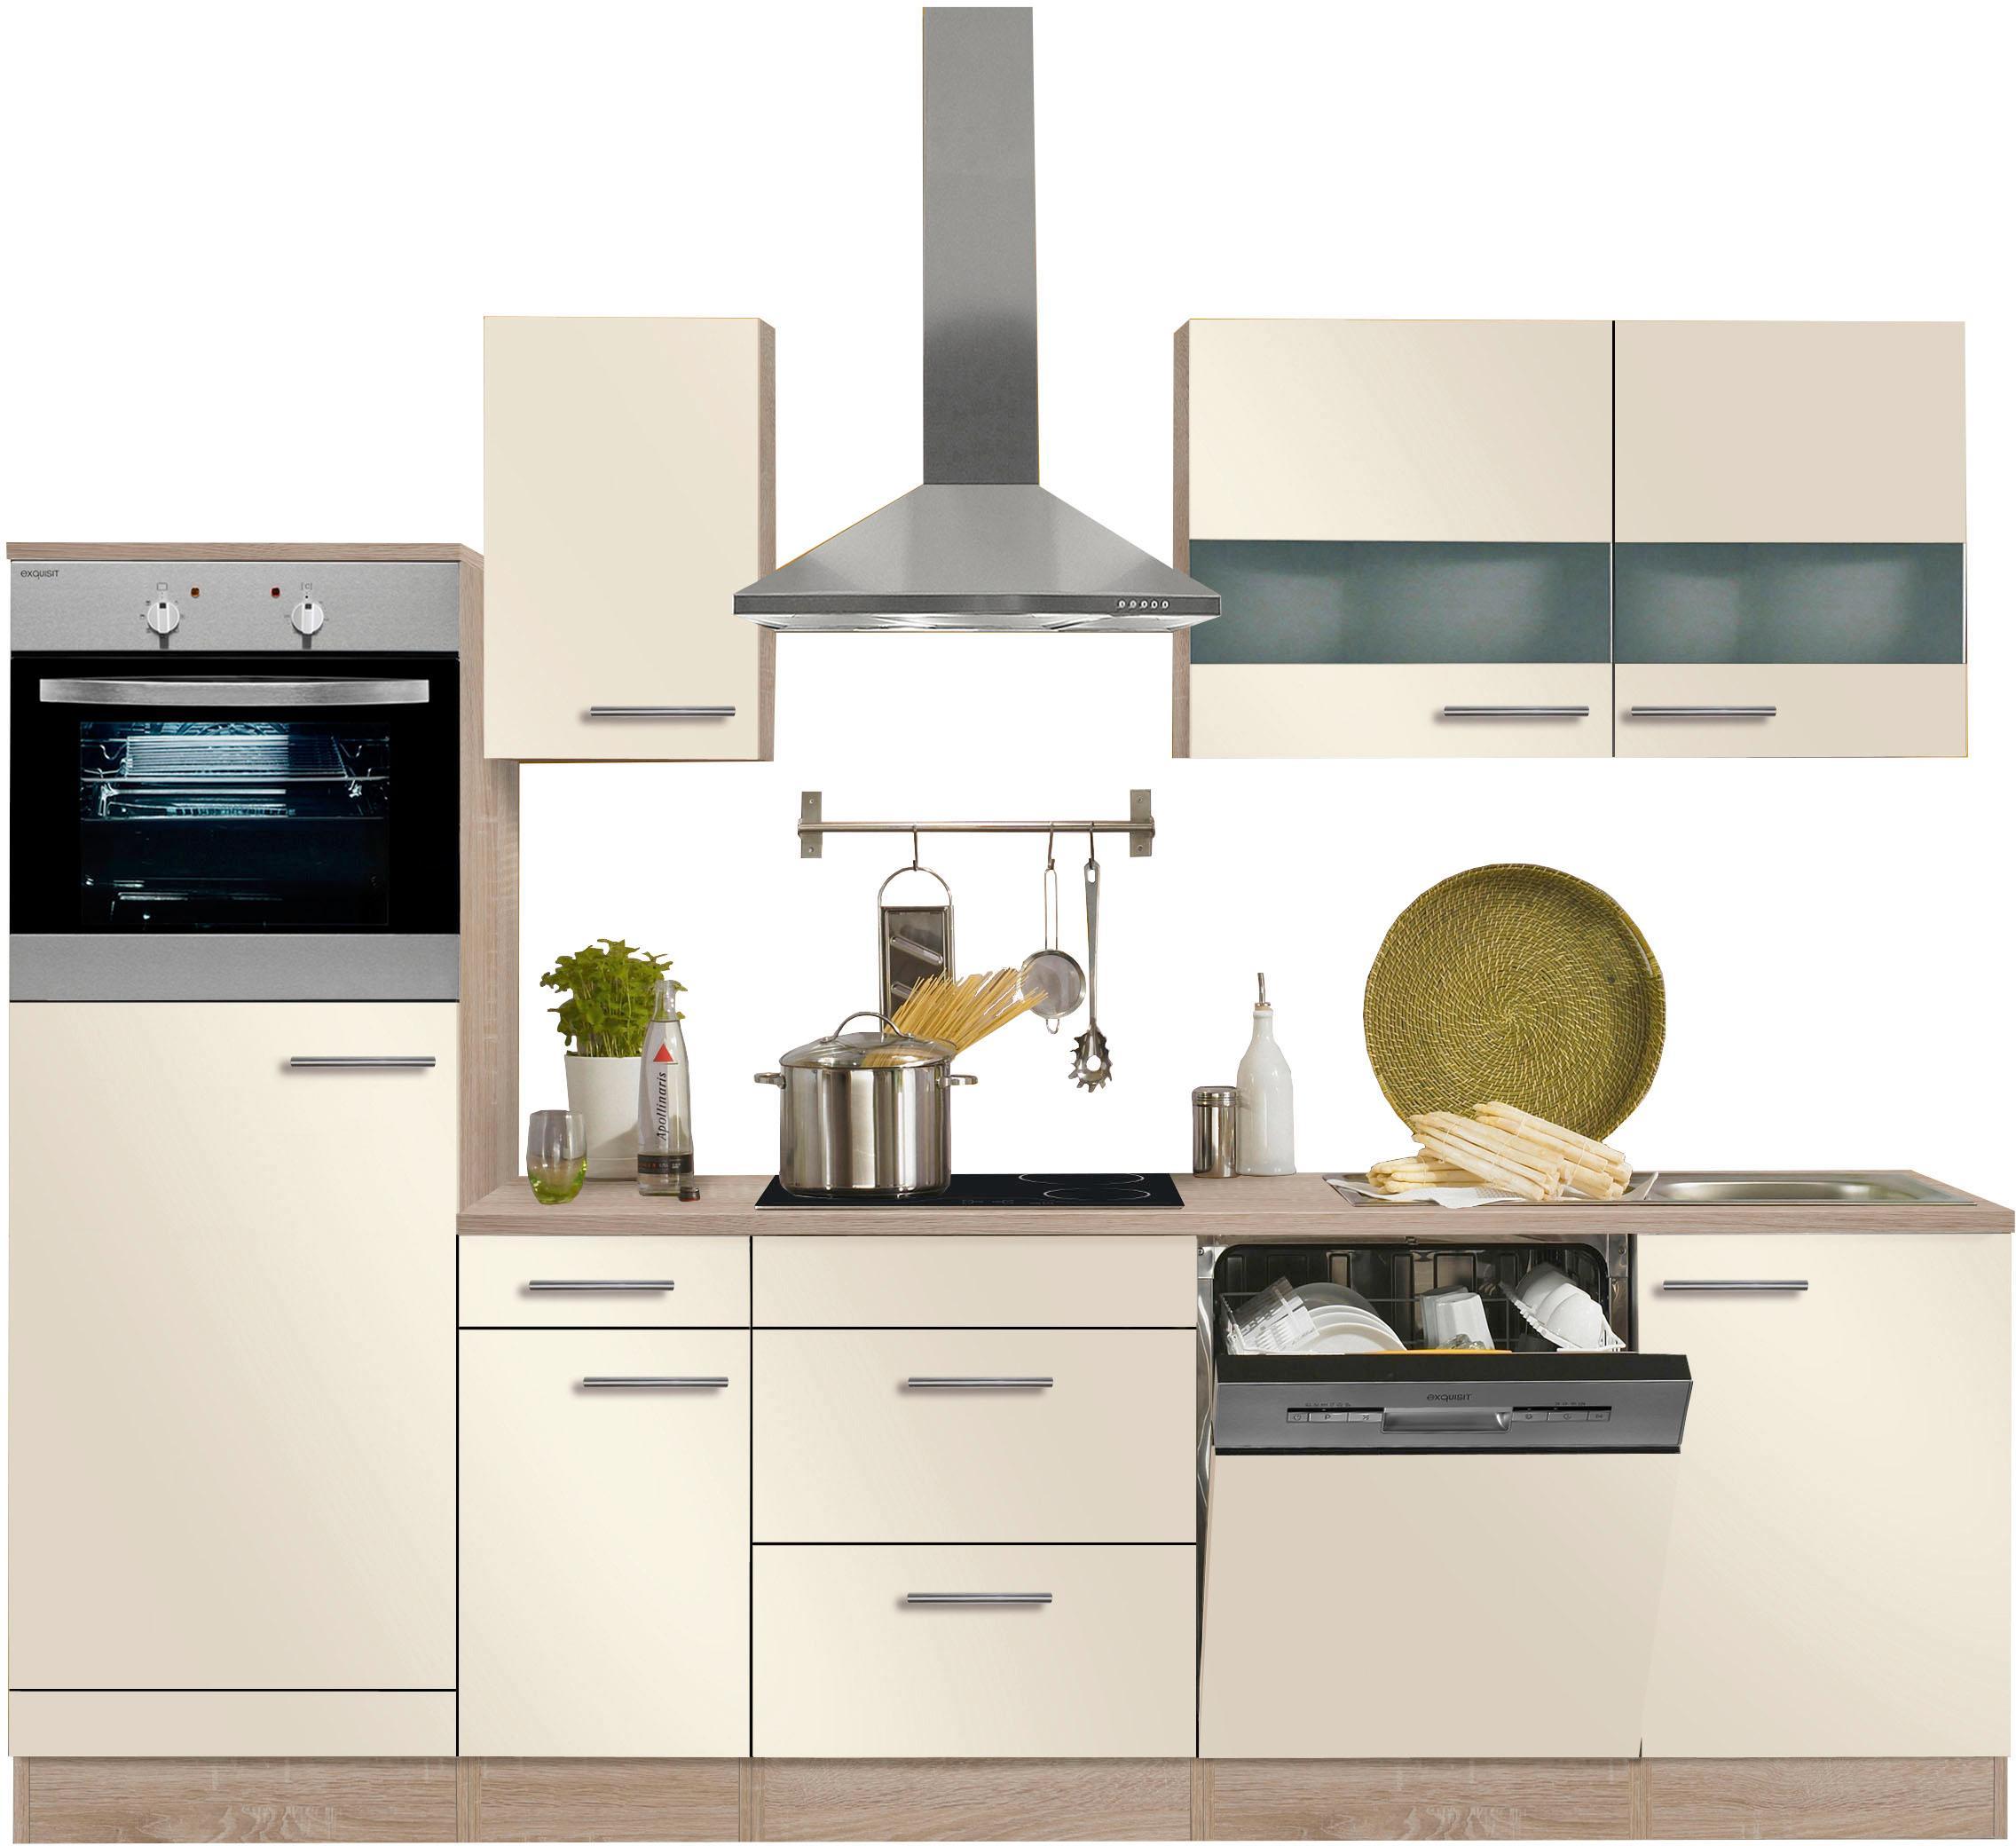 Optifit Küchenzeile Ohne E Geräte Kalmar Breite 270 Cm Bestellen